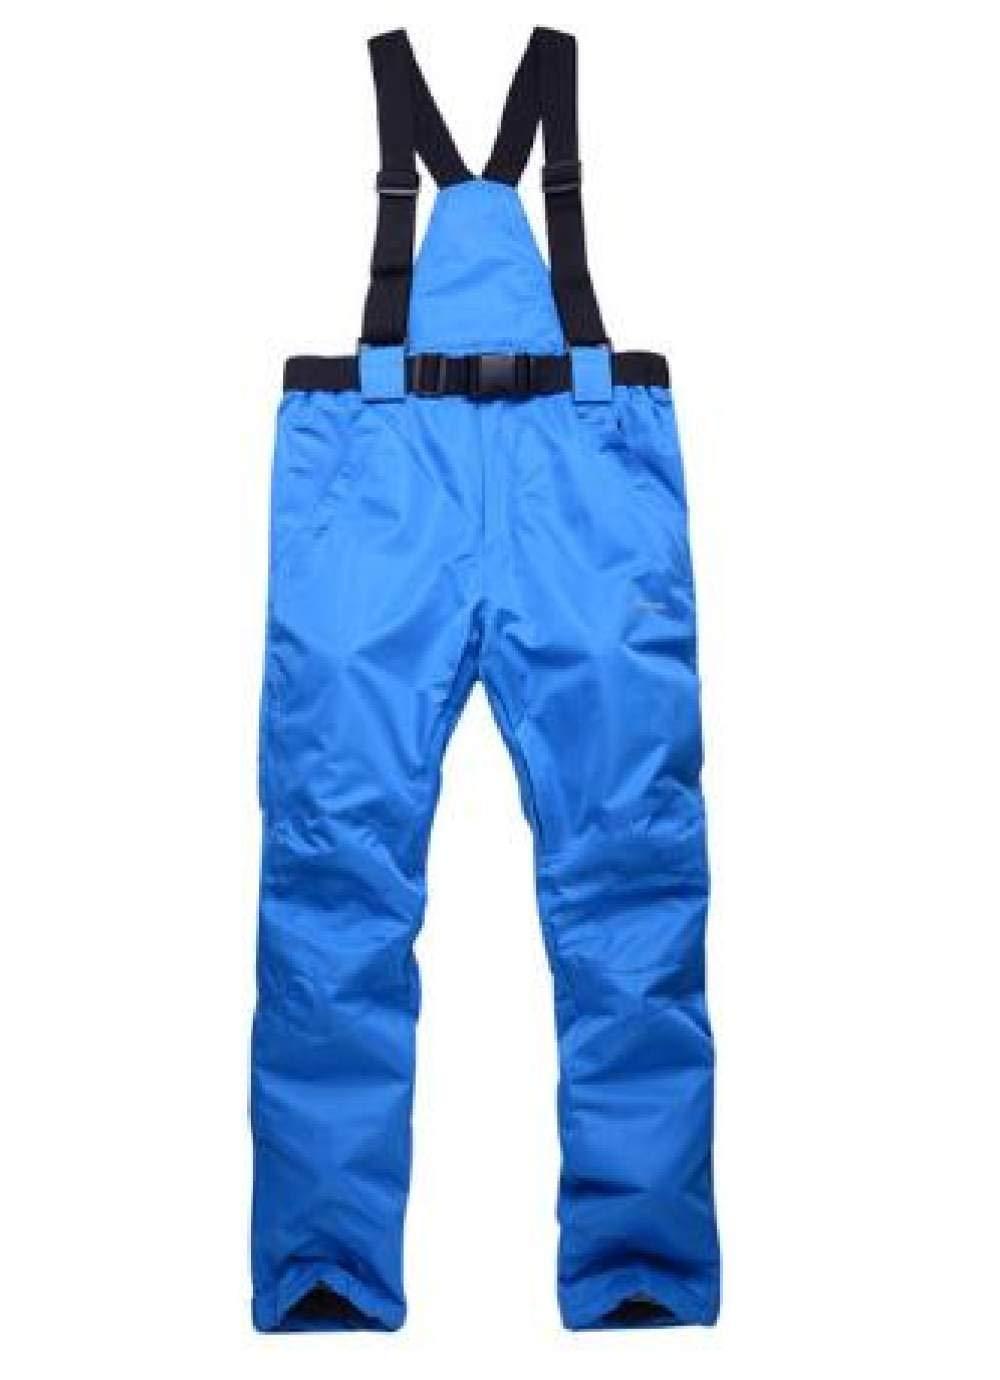 Farbe 8 M ZHENGBINGF Männer Winter Outdoor Skibekleidung Schnee Winddichte Jacke Hose Mit Kapuze Snowboardanzug Atmungsaktiv Warme Sportbekleidung   -30 Grad Neu